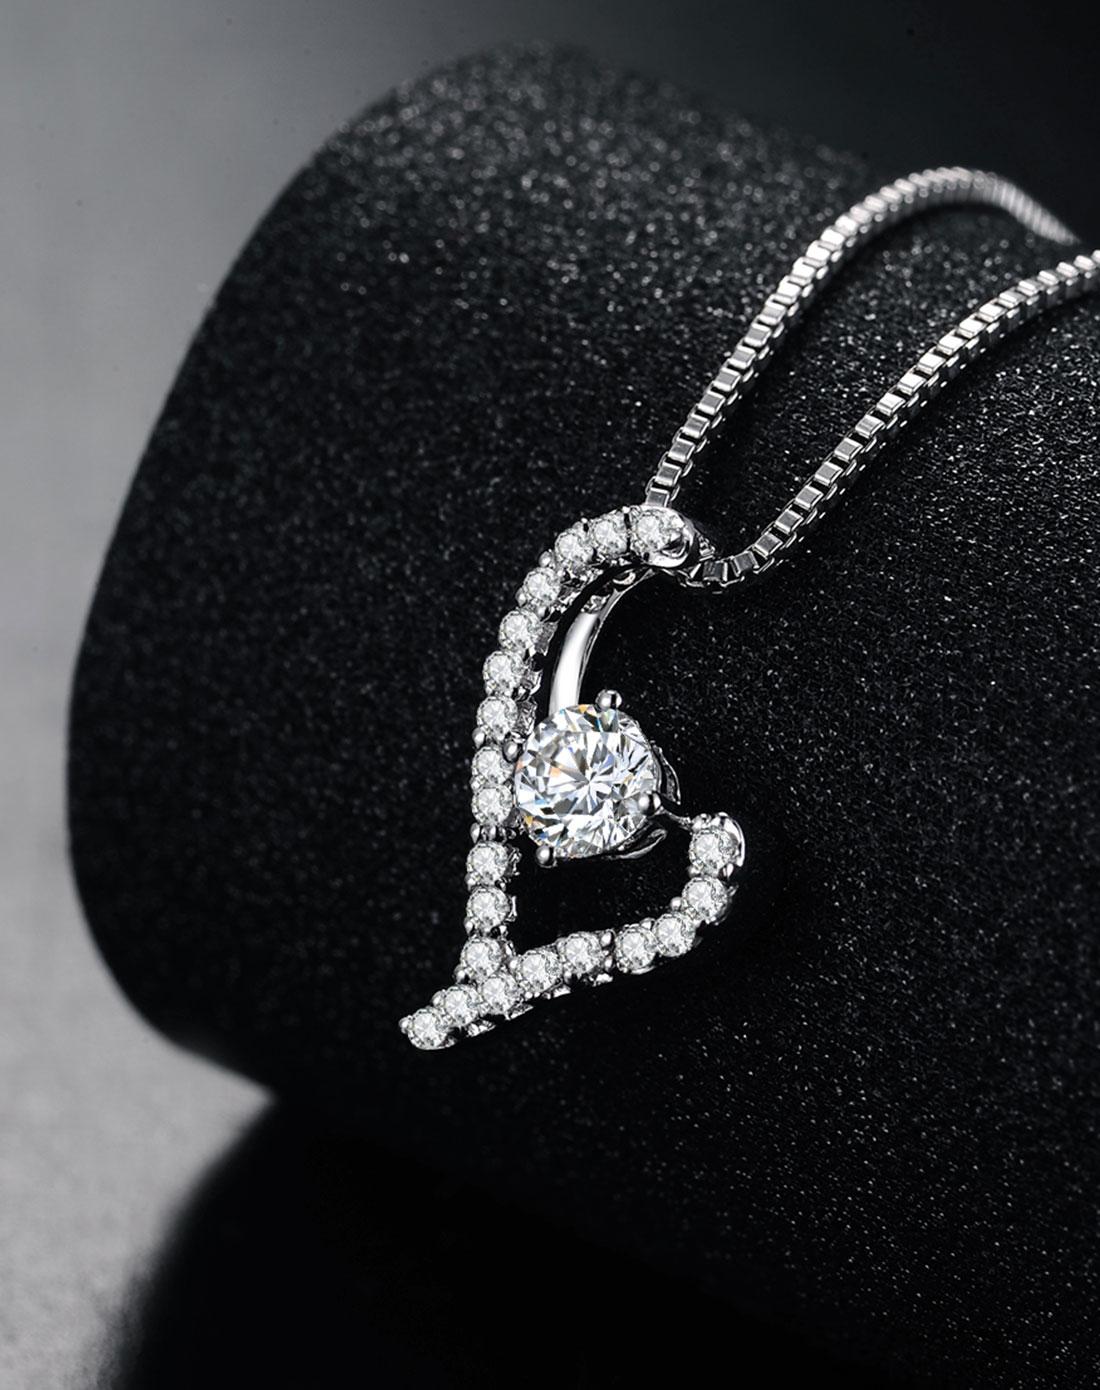 白18k金镶嵌leo 82切面钻石吊坠-l-shaped